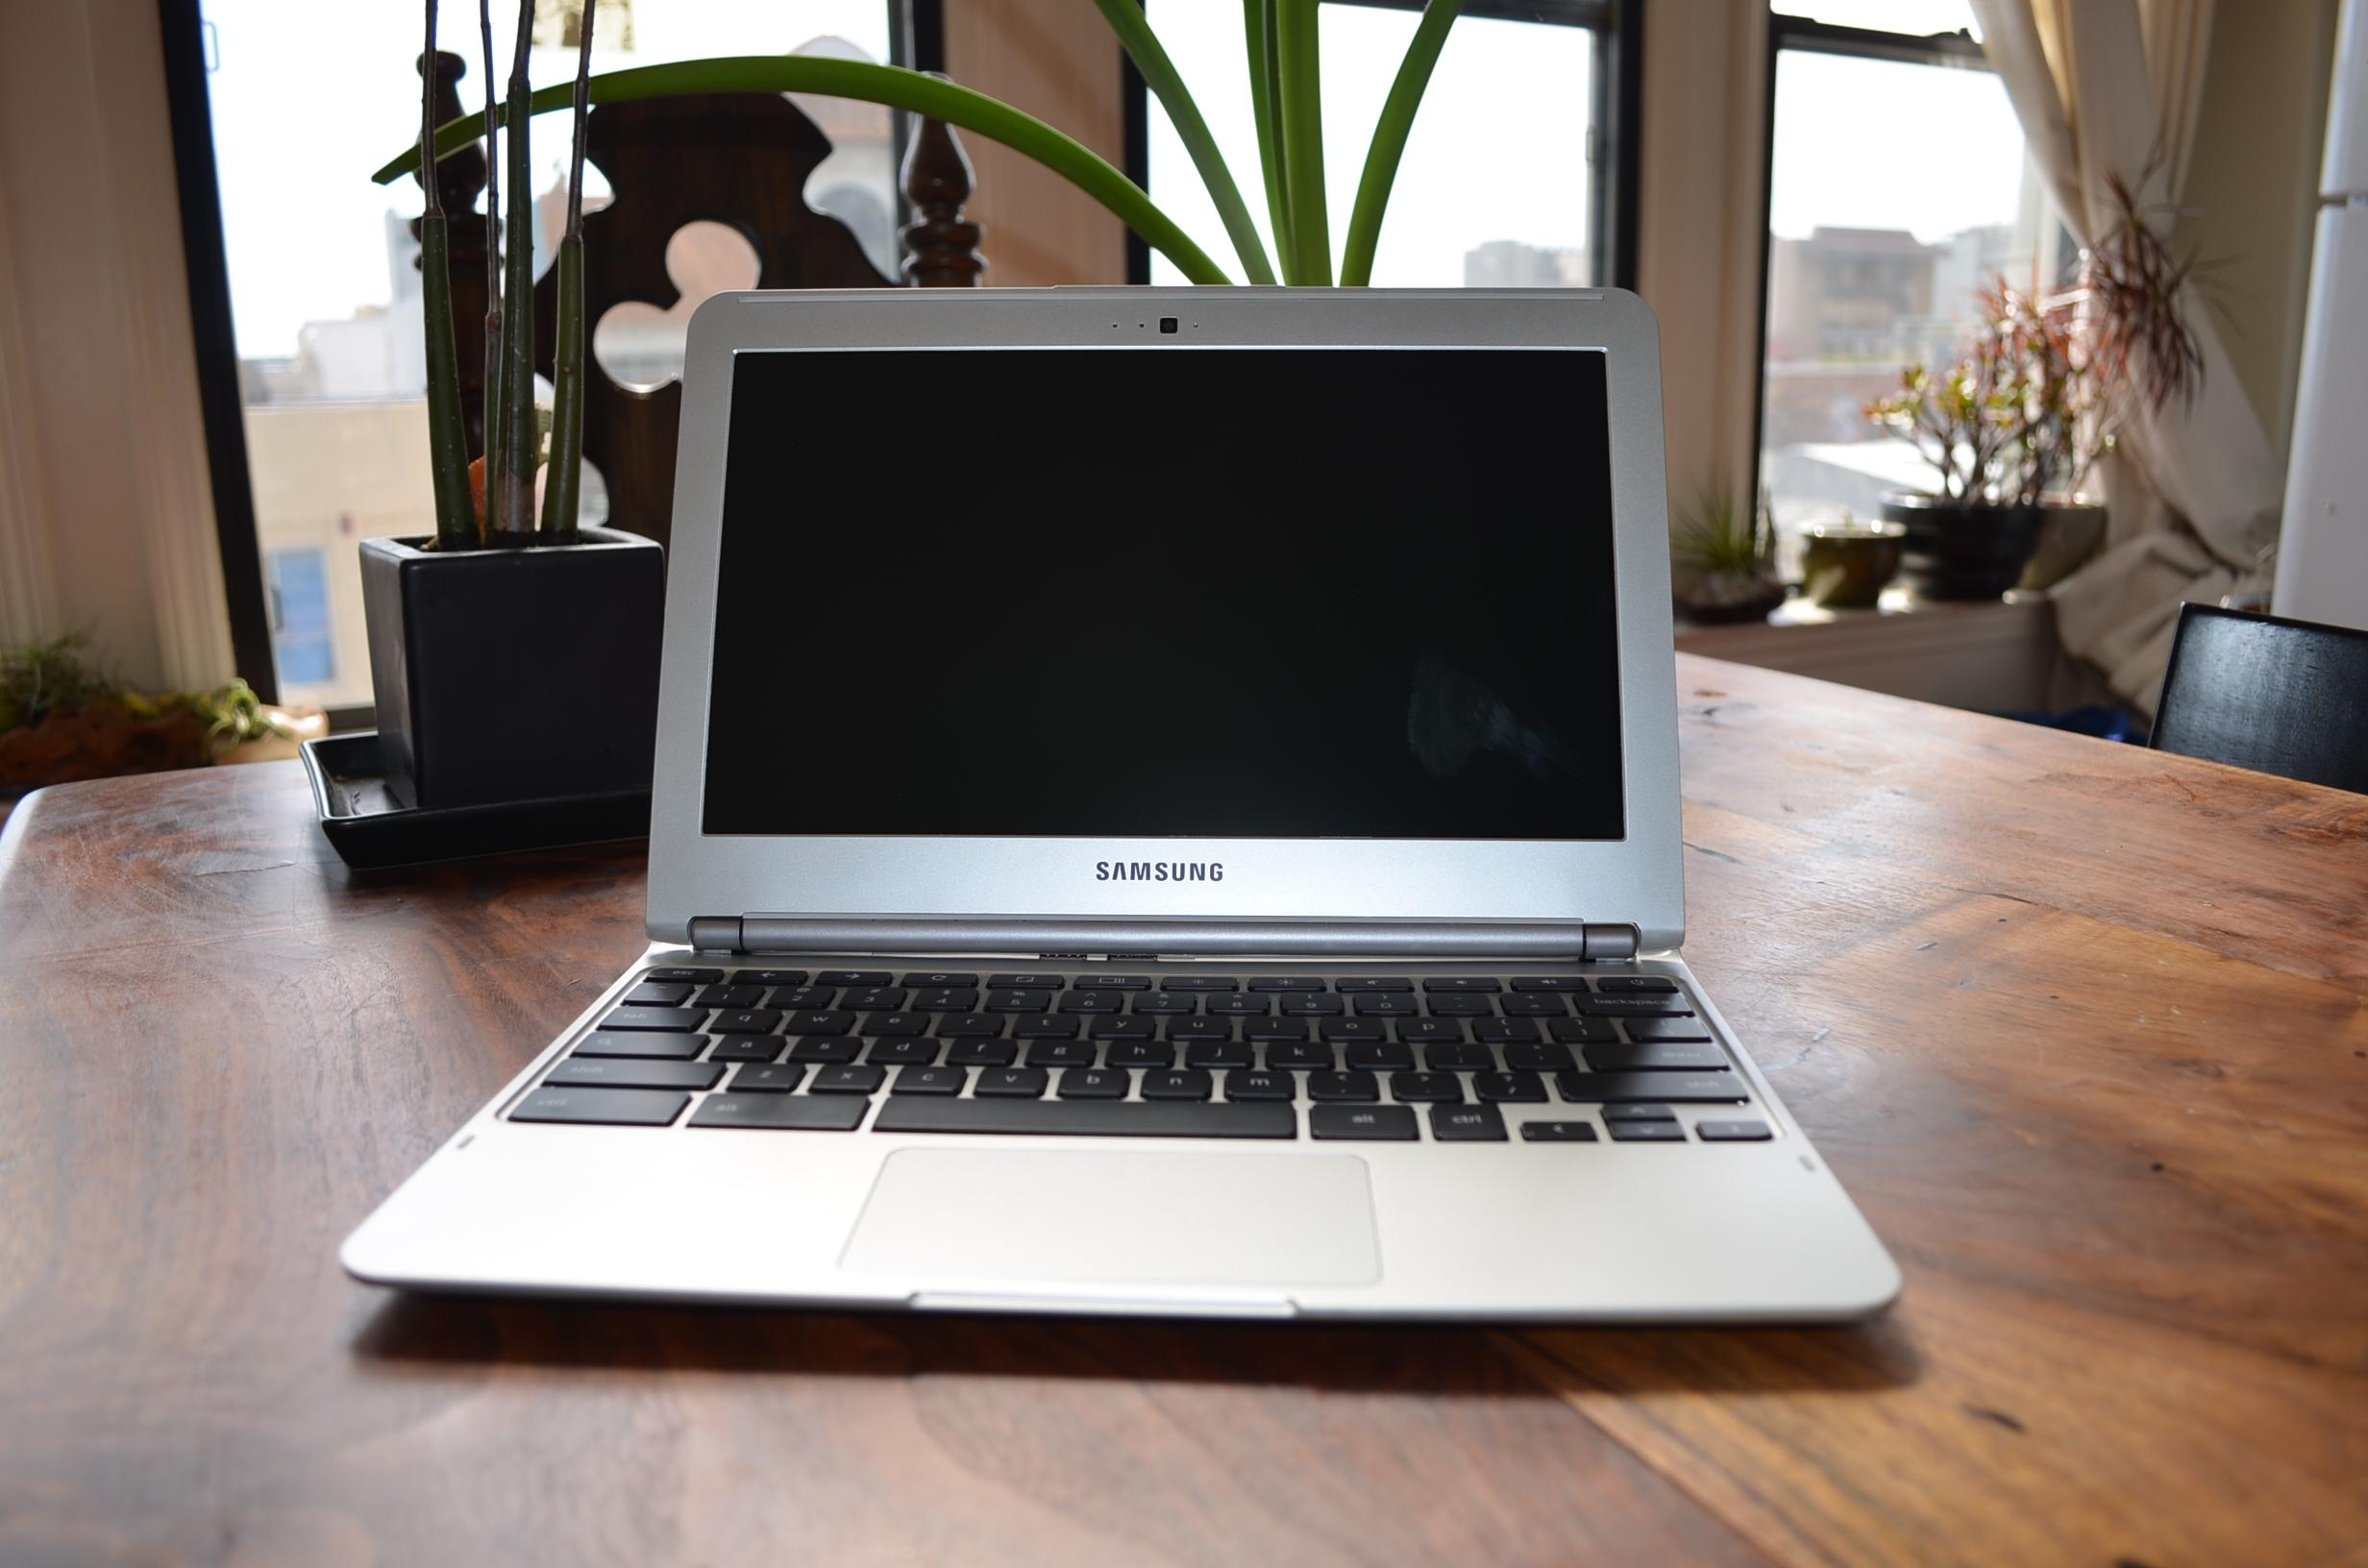 Samsung Chromebook mit Exynos 5250 – Test, Gedanken und Anmerkungen